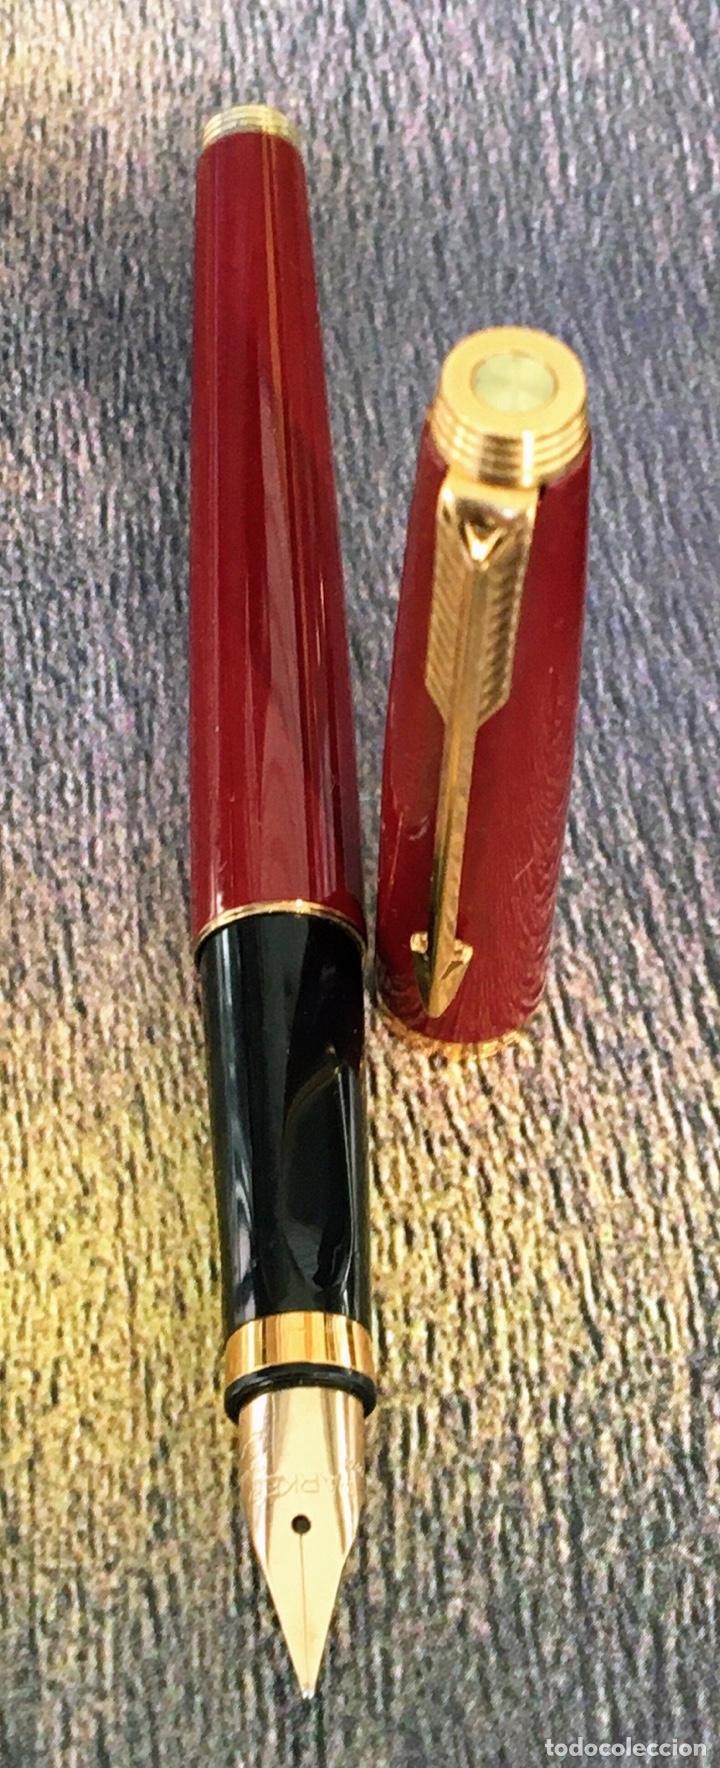 Plumas estilográficas antiguas: PARKER 75 LACADA 1975'S FRANCE - Foto 3 - 253414700